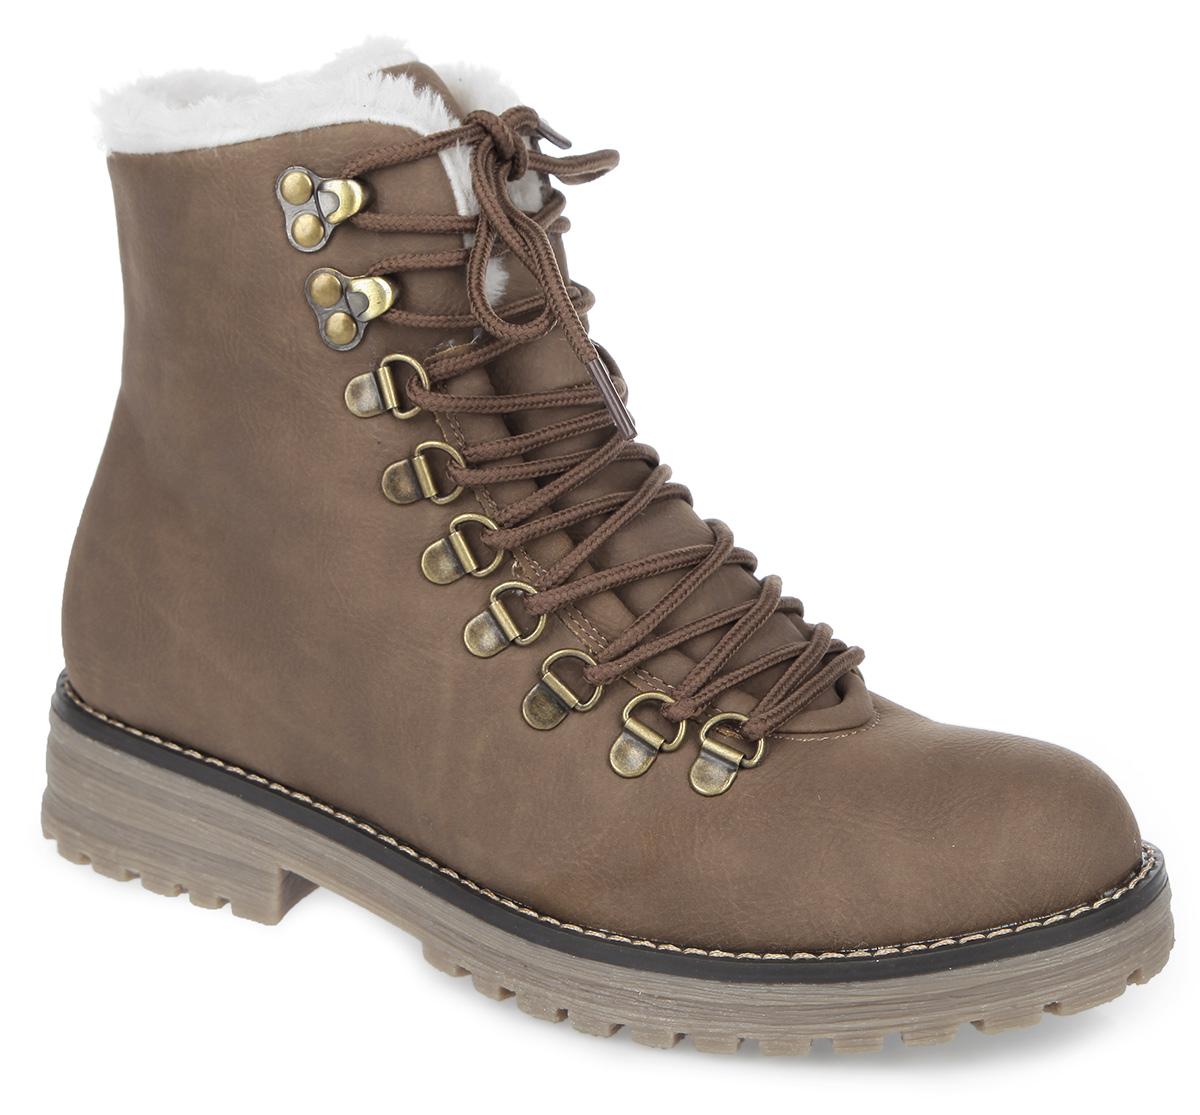 Ботинки женские. 858329/20858329/20-05Стильные женские ботинки от Keddo покорят вас своим удобством. Модель выполнена из искусственного нубука и оформлена прострочкой вдоль ранта. Ботинки застегиваются на боковую застежку-молнию. Шнуровка надежно фиксирует обувь на ноге. Подкладка и стелька, исполненные из искусственного меха, сохранят ваши ноги в тепле. Каблук и подошва с протектором обеспечивают отличное сцепление на любой поверхности. Такие ботинки отлично подойдут для повседневного использования. Они подчеркнут ваш стиль и индивидуальность.